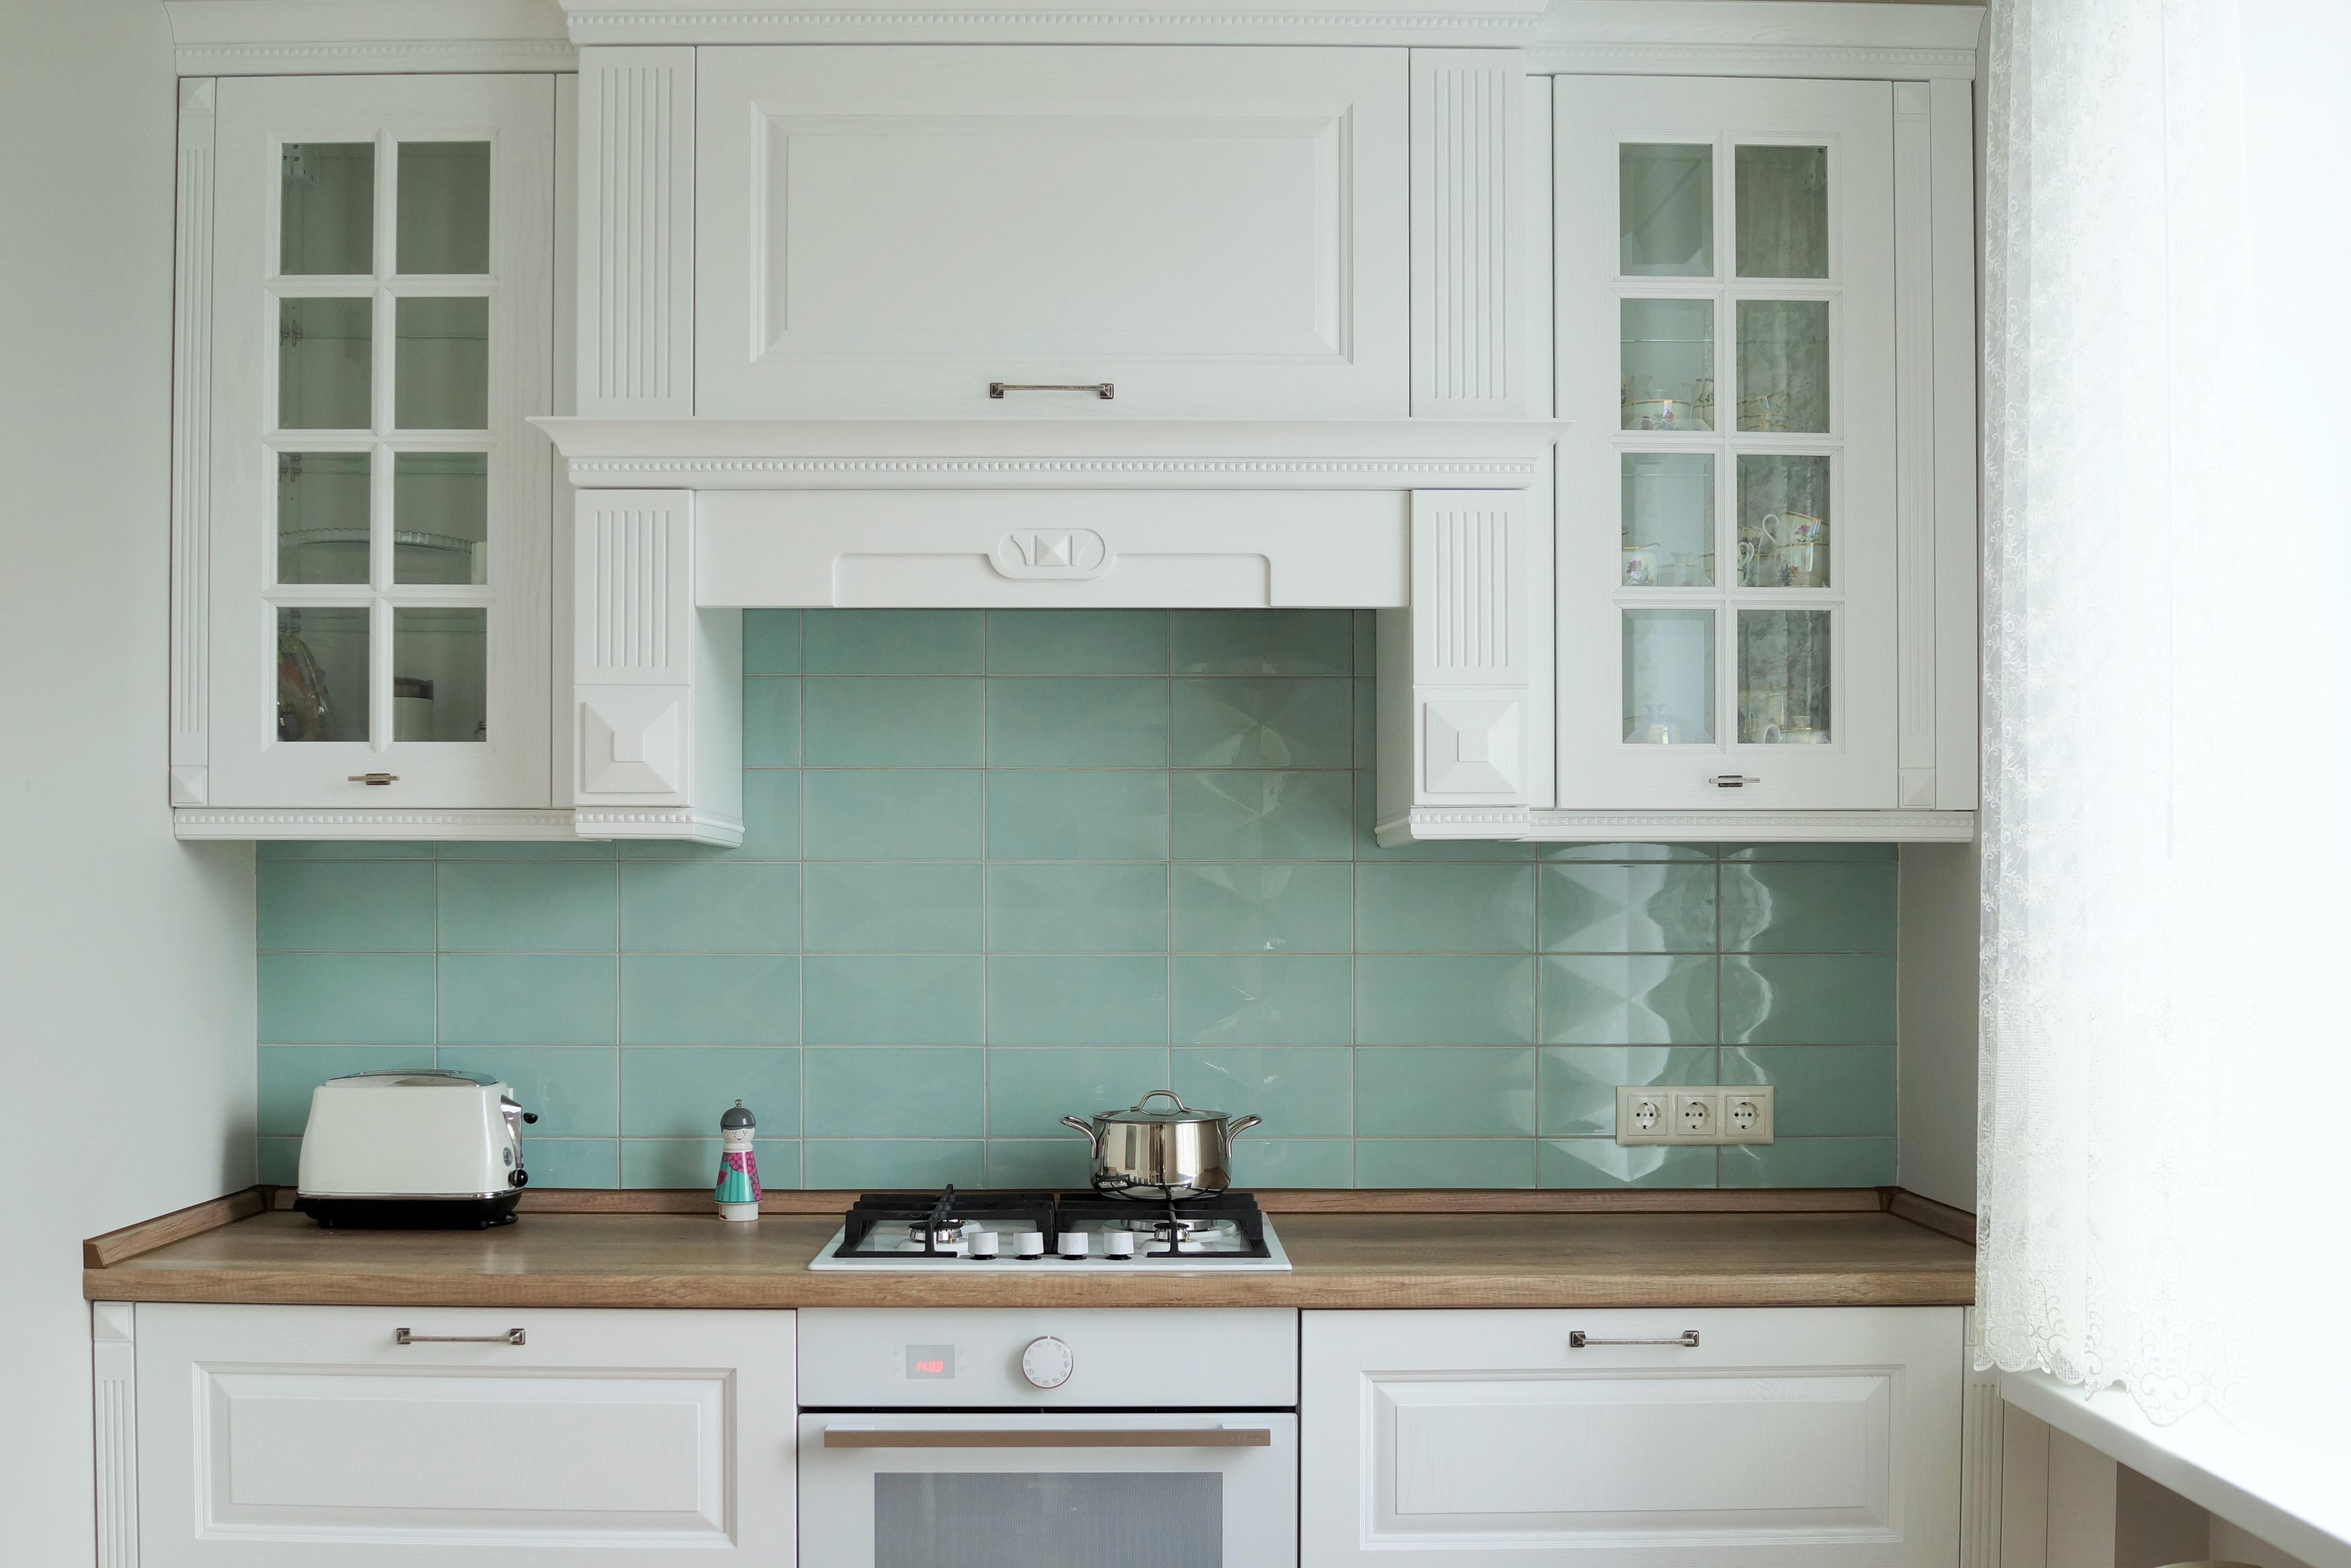 дизайн кухни - рабочая зона